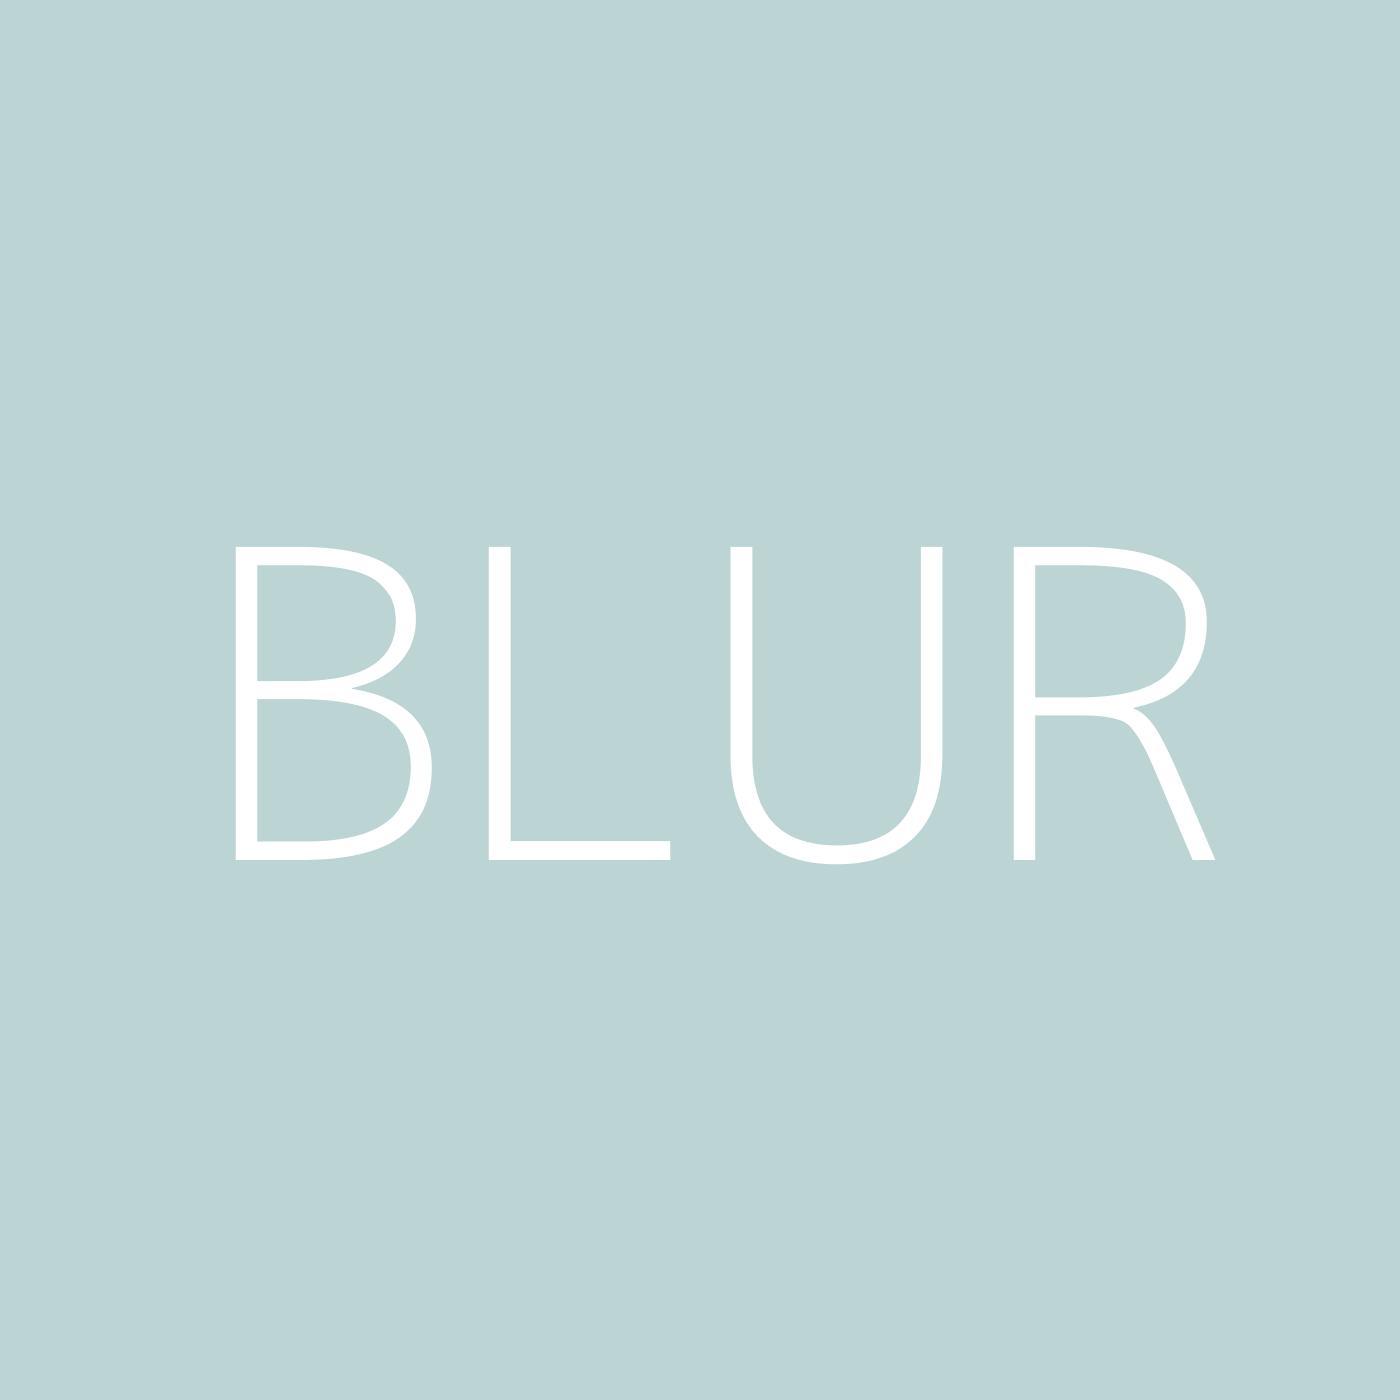 Blur Playlist Artwork